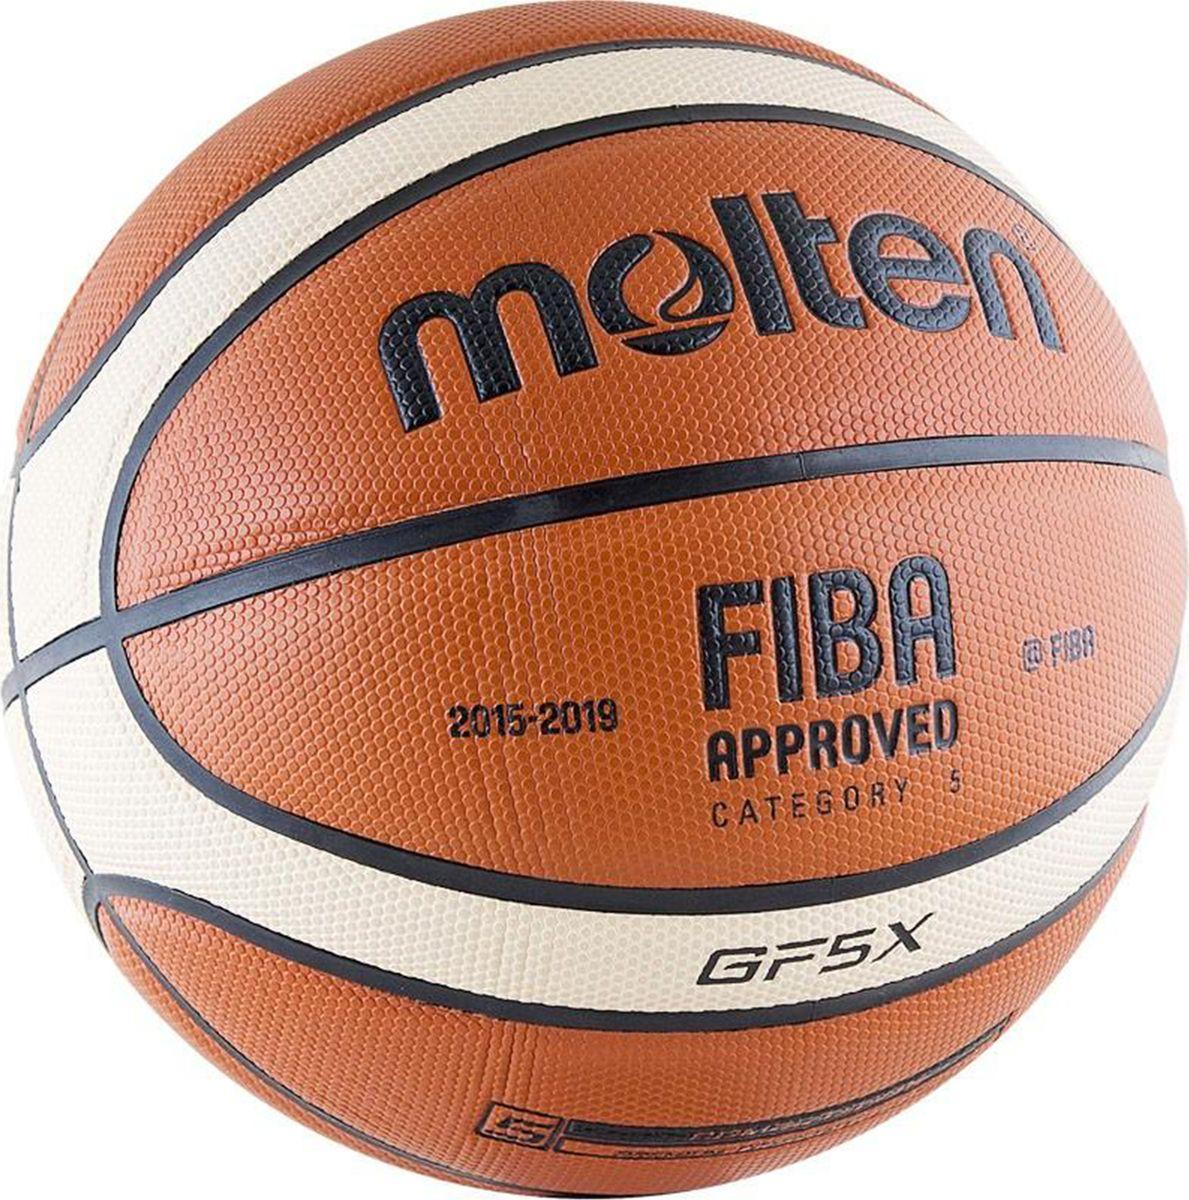 Мяч баскетбольный Molten. Размер 5. BGF5XBGF5XОфициальный мяч FIBA. Предназначен для игры в зале.Революционный материал поверхностиНатуральная кожа премиум класса.Отличная стабильностьСпециальная конструкция и вспененная система, а также параллельные «пупырышки» обеспечивают ощущение однородности и стабильность в игровых ситуациях.Сертификат FIBAОдобрен FIBA для проведения соревнований высшего уровня.